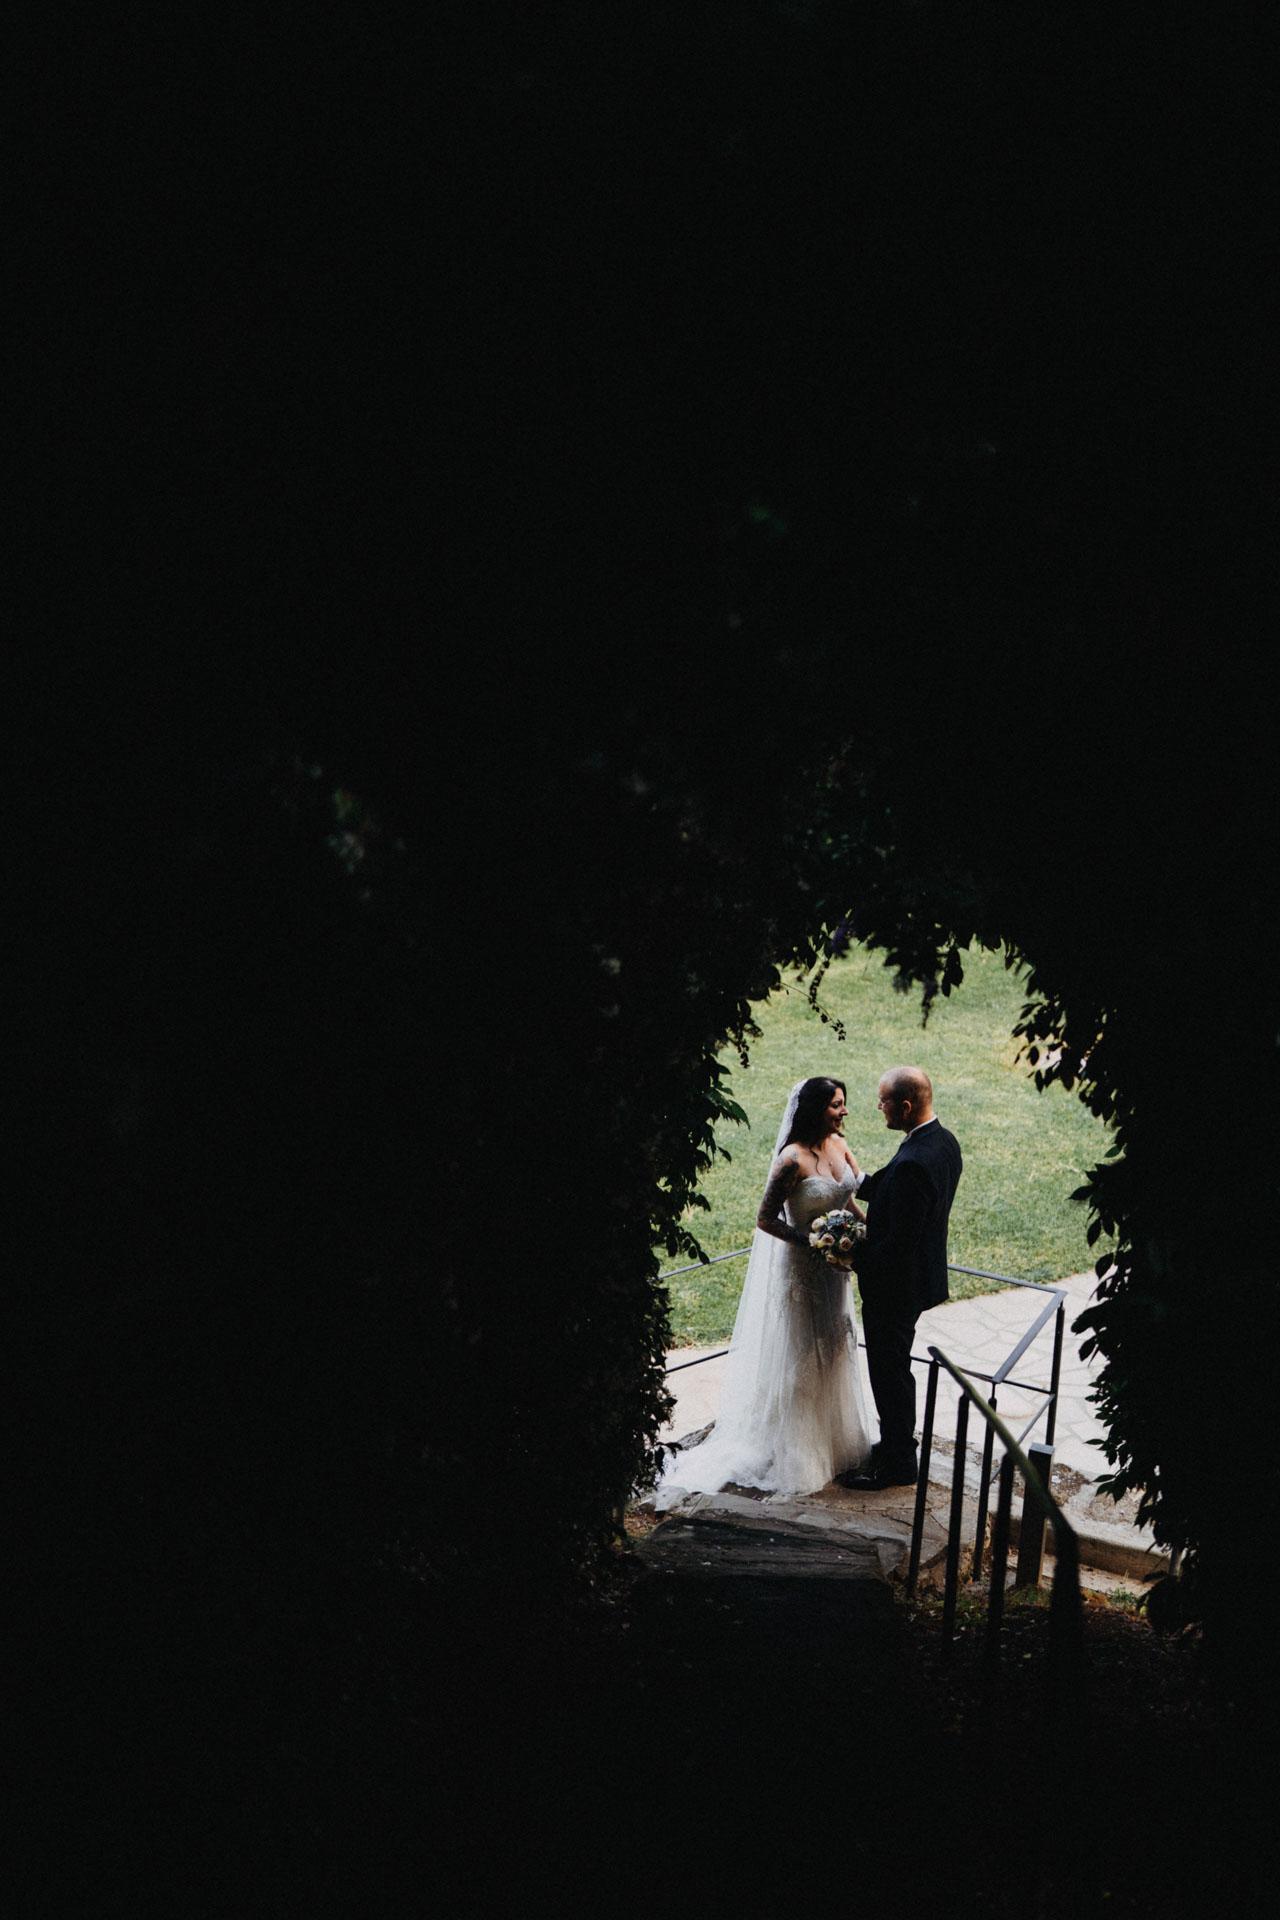 fotografo_matrimonio_pistoia_il_cerretino_42